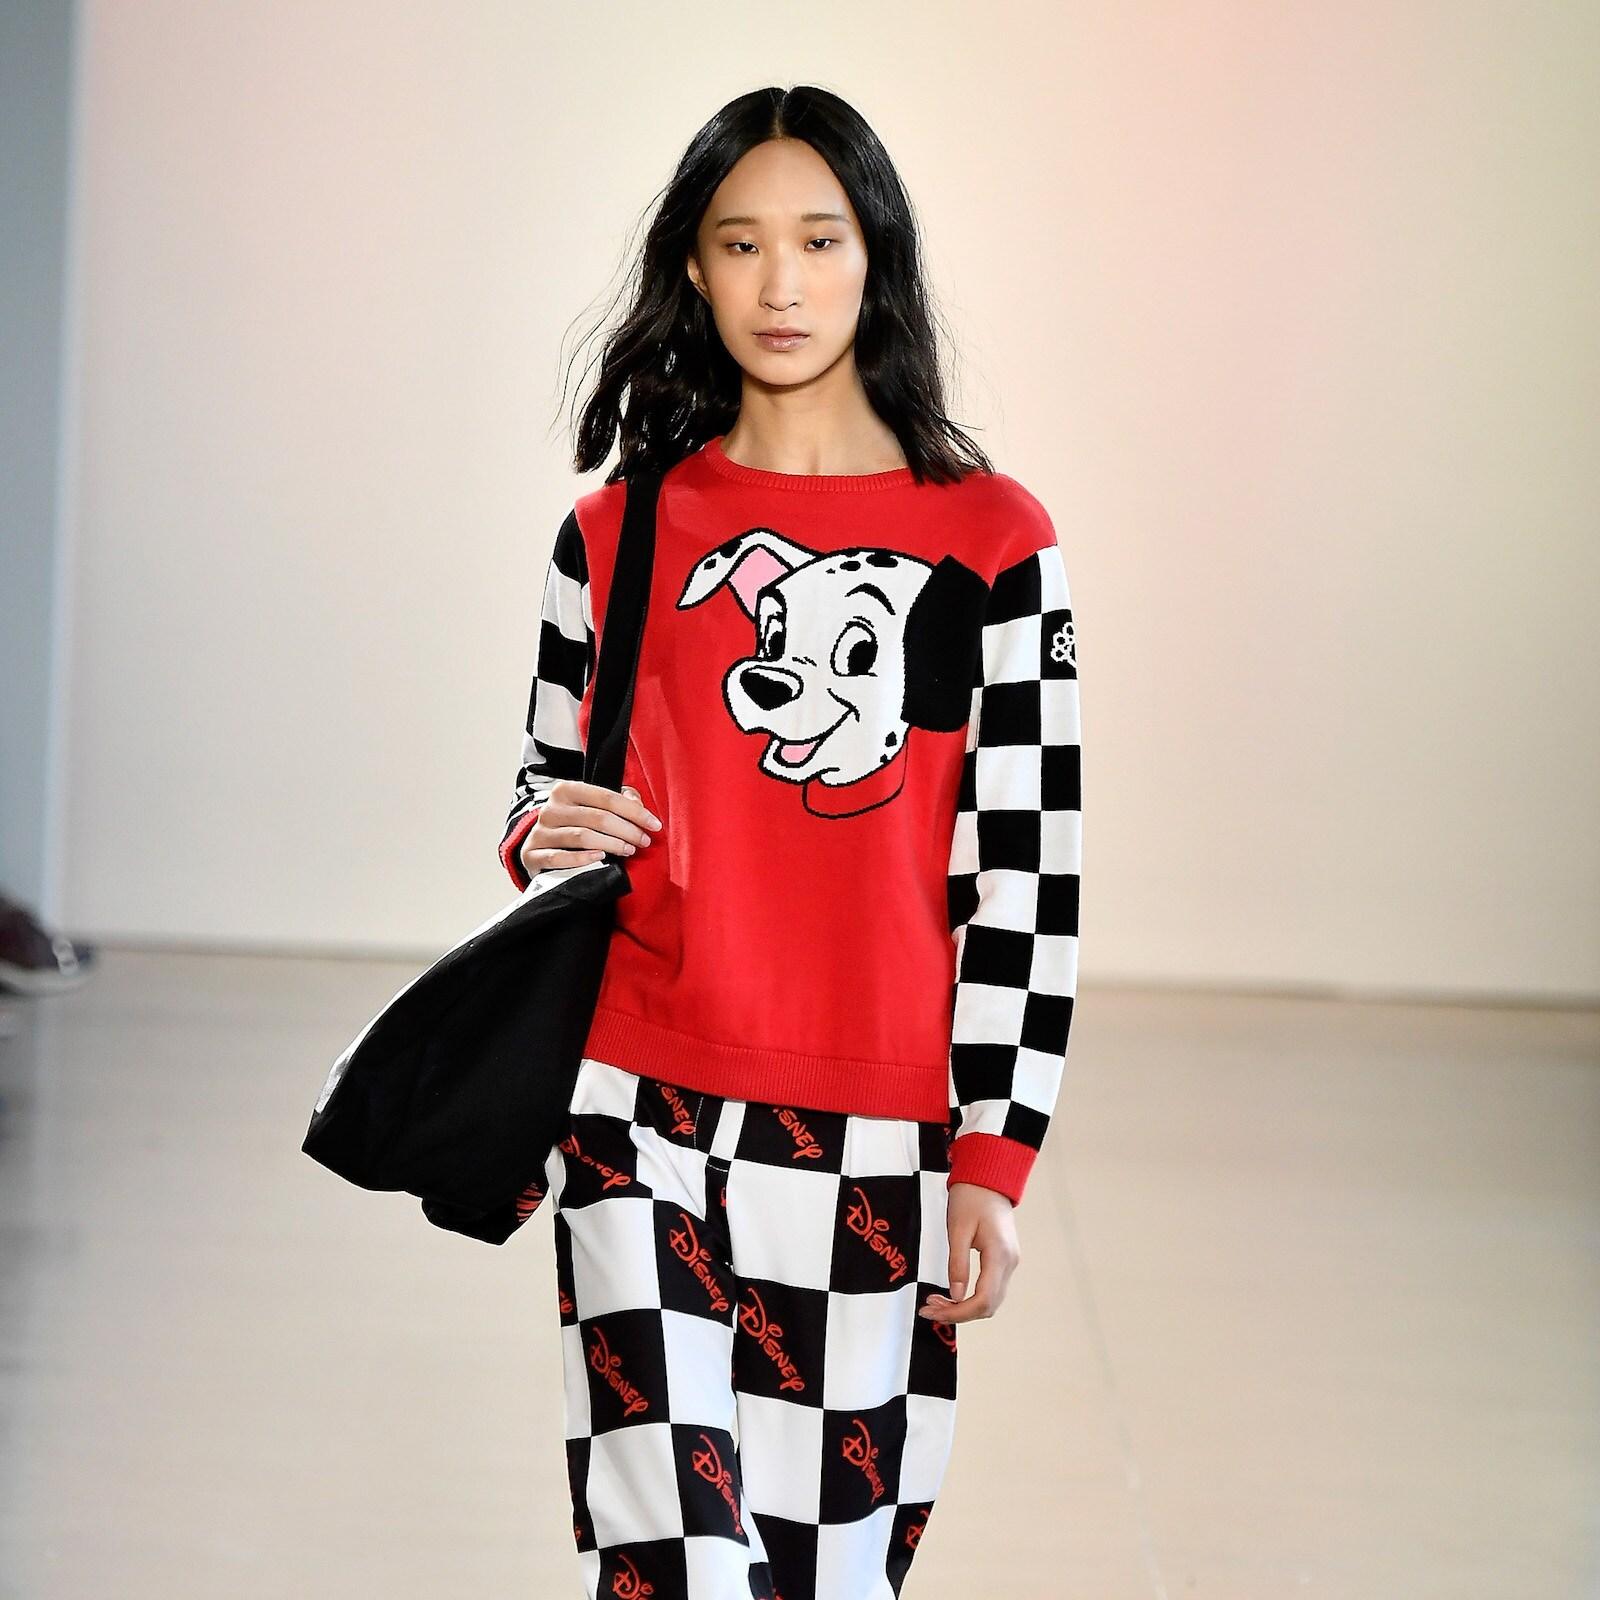 101 Dalmatians Spotted at NANA JUDY Show During New York Fashion Week